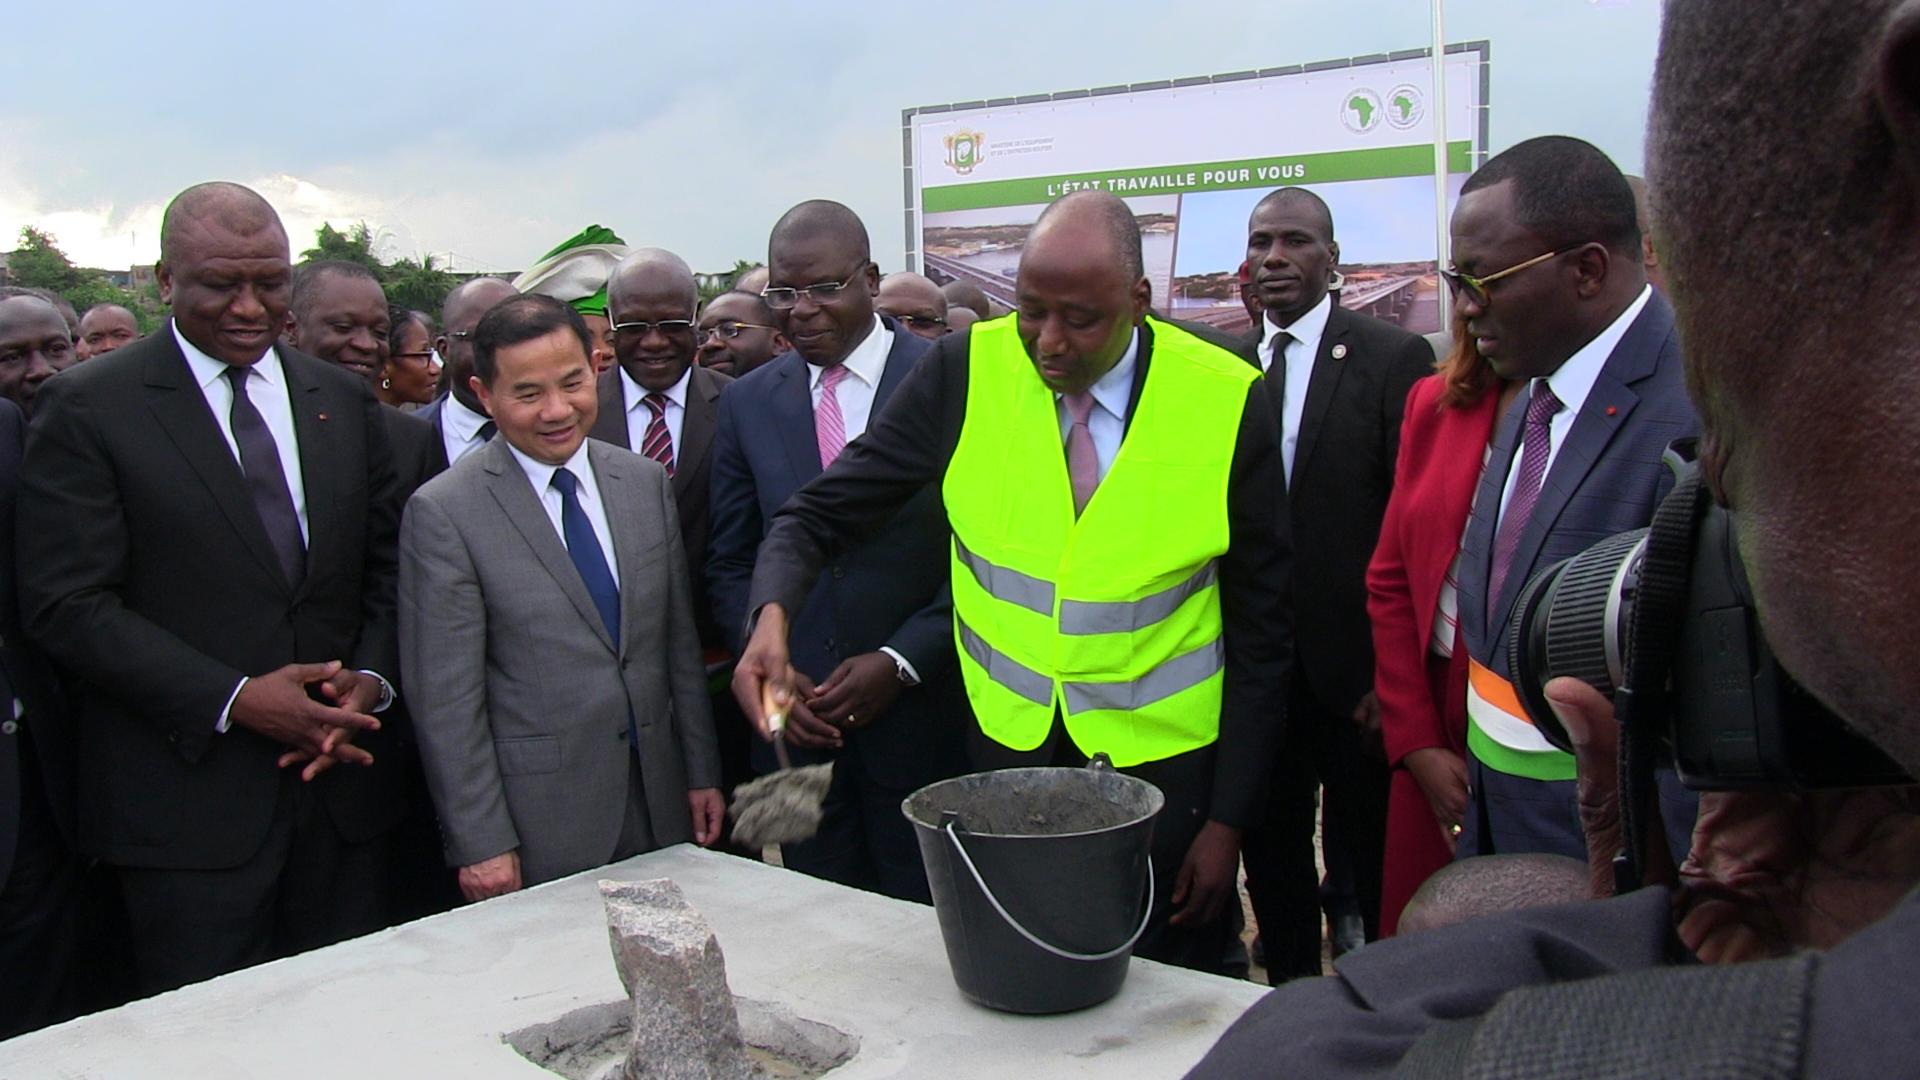 Pose de la première pierre du chantier par le premier ministre gon coulibaly en présence des membres du gouvernement et de lambassadeur de chine